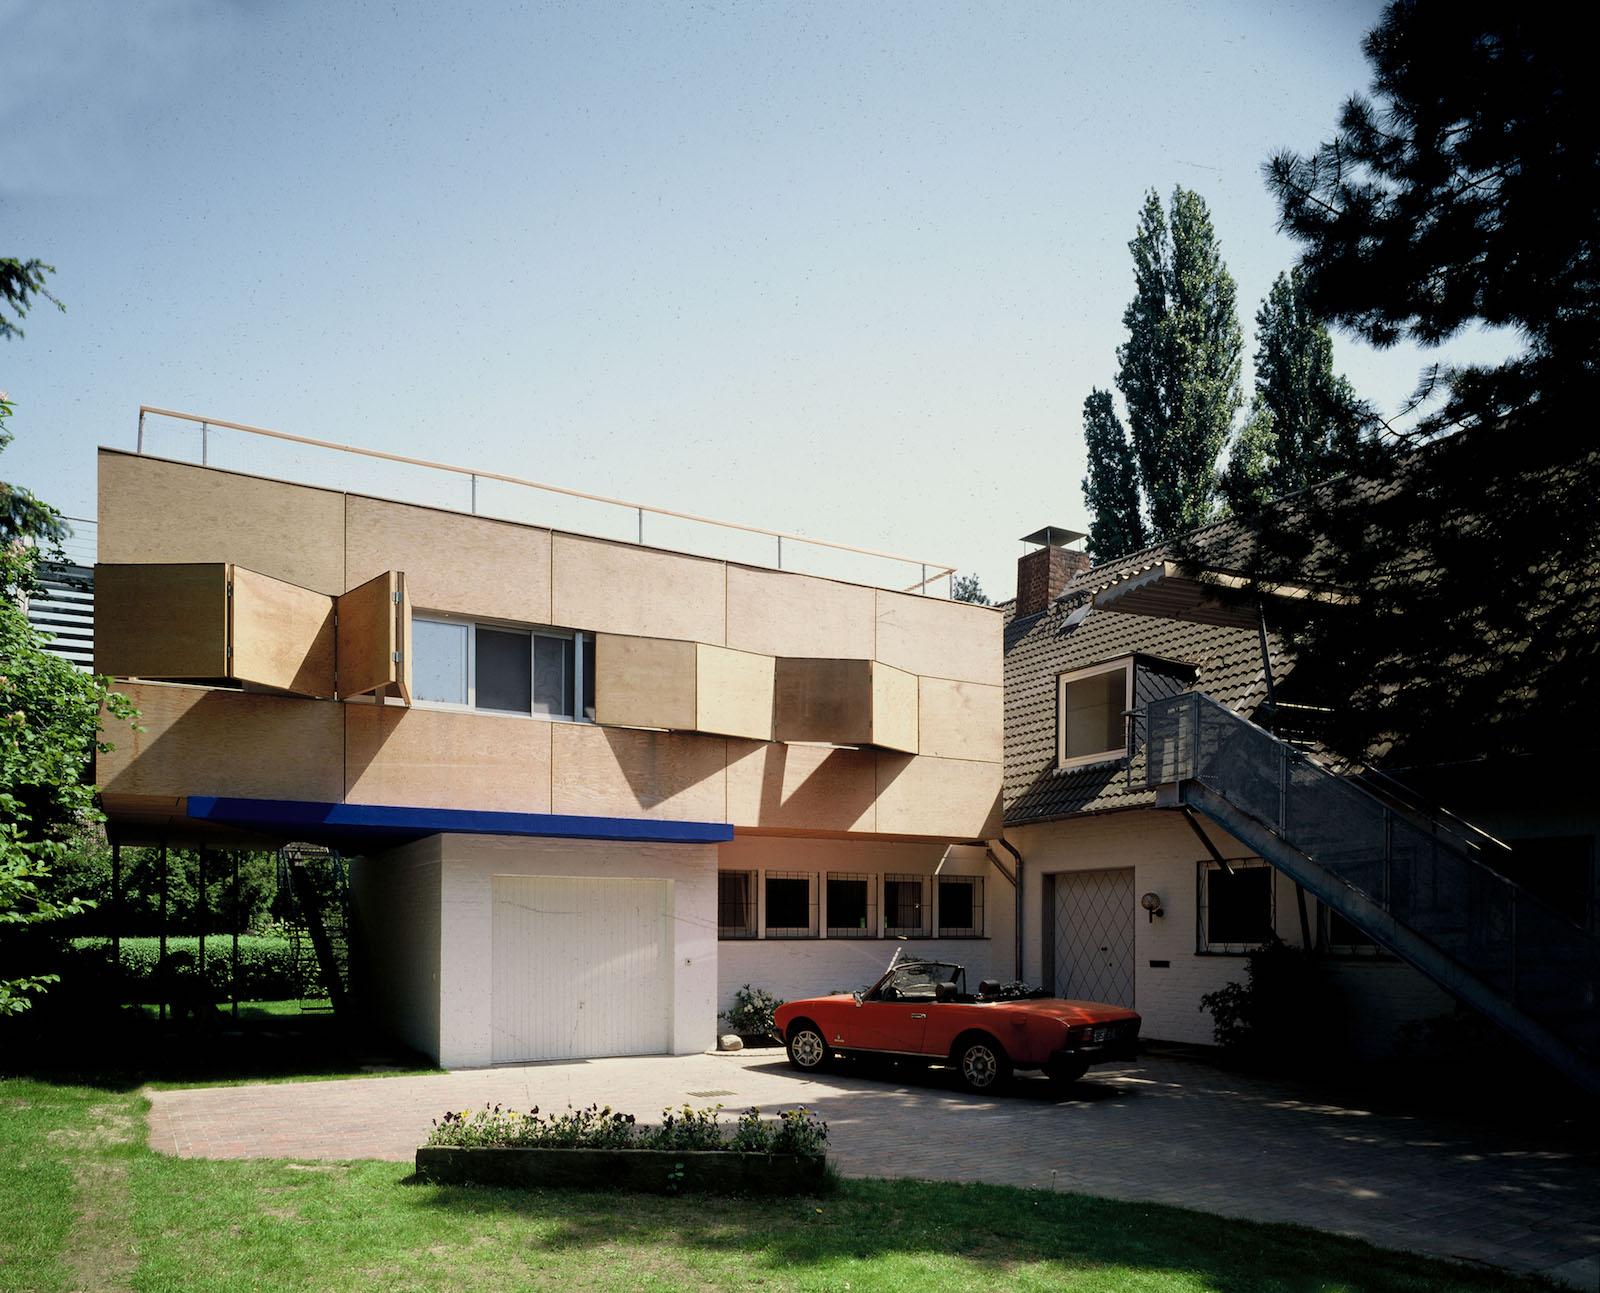 Einfamilienhaus The Eagle, Braunschweig